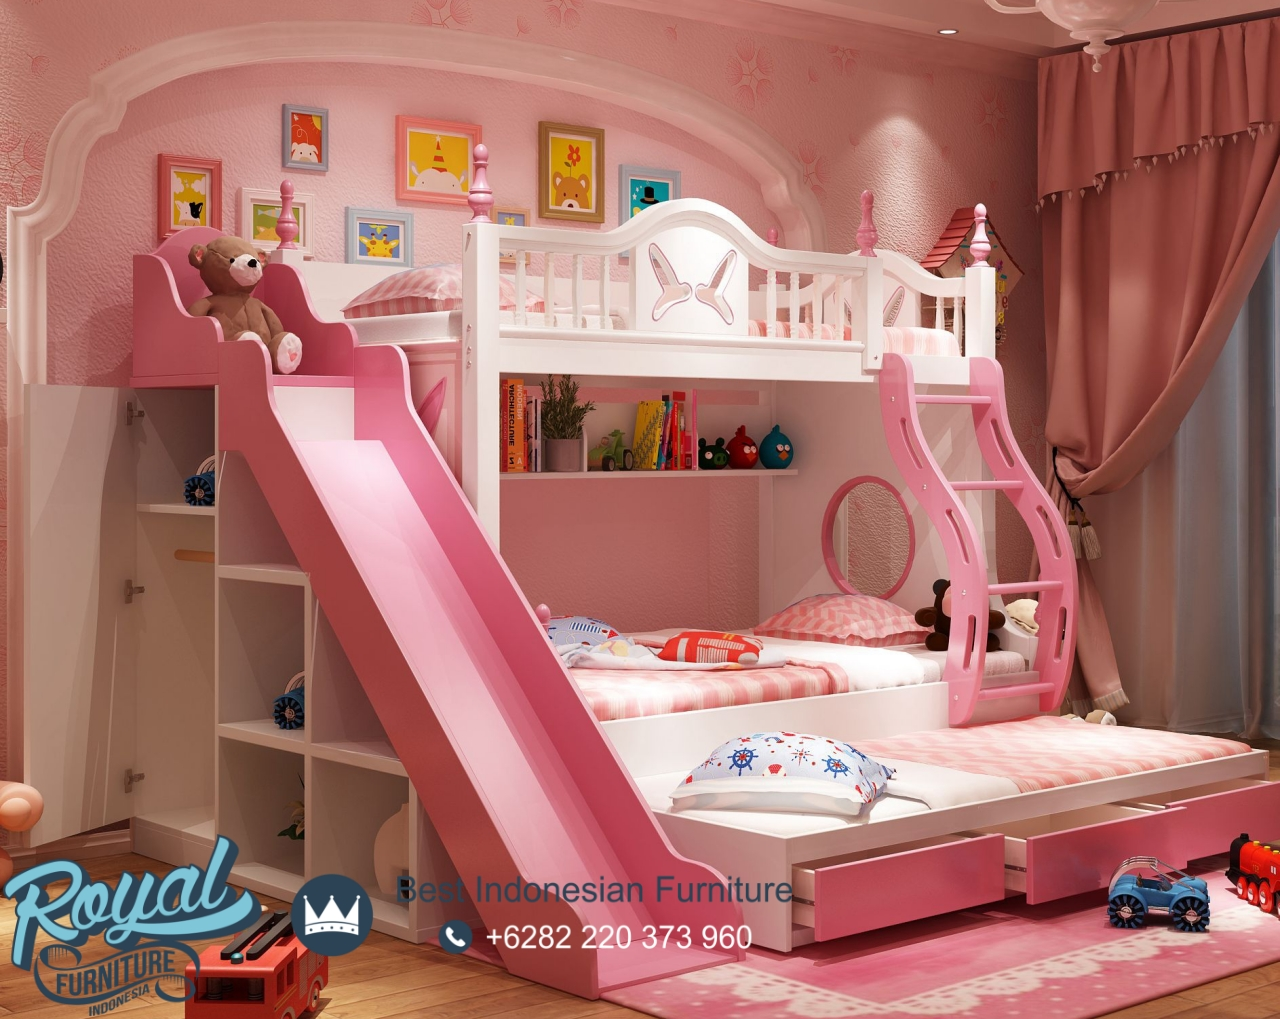 Dipan Anak Tingkat Anak Perempuan Pink Multifungsi, Furniture Tempat Tidur Anak, Tempat Tidur Tingkat Laci, Tempat Tidur Anak Tingkat Tangga Laci, Jual Tempat Tidur Anak Kayu Jepara, Tempat Tidur Anak Kayu Jati, Model Tempat Tidur Anak Karakter Mobil, Desain Kamar Tidur Anak Tingkat Terbaru, Tempat Tidur Anak Laki Laki, Tempat Tidur Anak Tingkat Perempuan, Tempat Tidur Anak Tingkat Perosotan, Ranjang Anak Sorong Double Bed, Tempat Tidur Tingkat Mewah, Desain Kamar Tingkat Dewasa, Kasur Tingkat Anak Perempuan Unik, Kasur Anak, Kasur Tingkat 2 Ada Perosotan, Tempat Tidur Anak Minimalis, Tempat Tidur Tingkat Multifungsi, Kasur Tingkat 2, Tempat Tidur Anak Karakter Mobil Car, Toko Mebel Jepara, Jual Furniture Jepara, Pusat Mebel Jepara, Royal Furniture